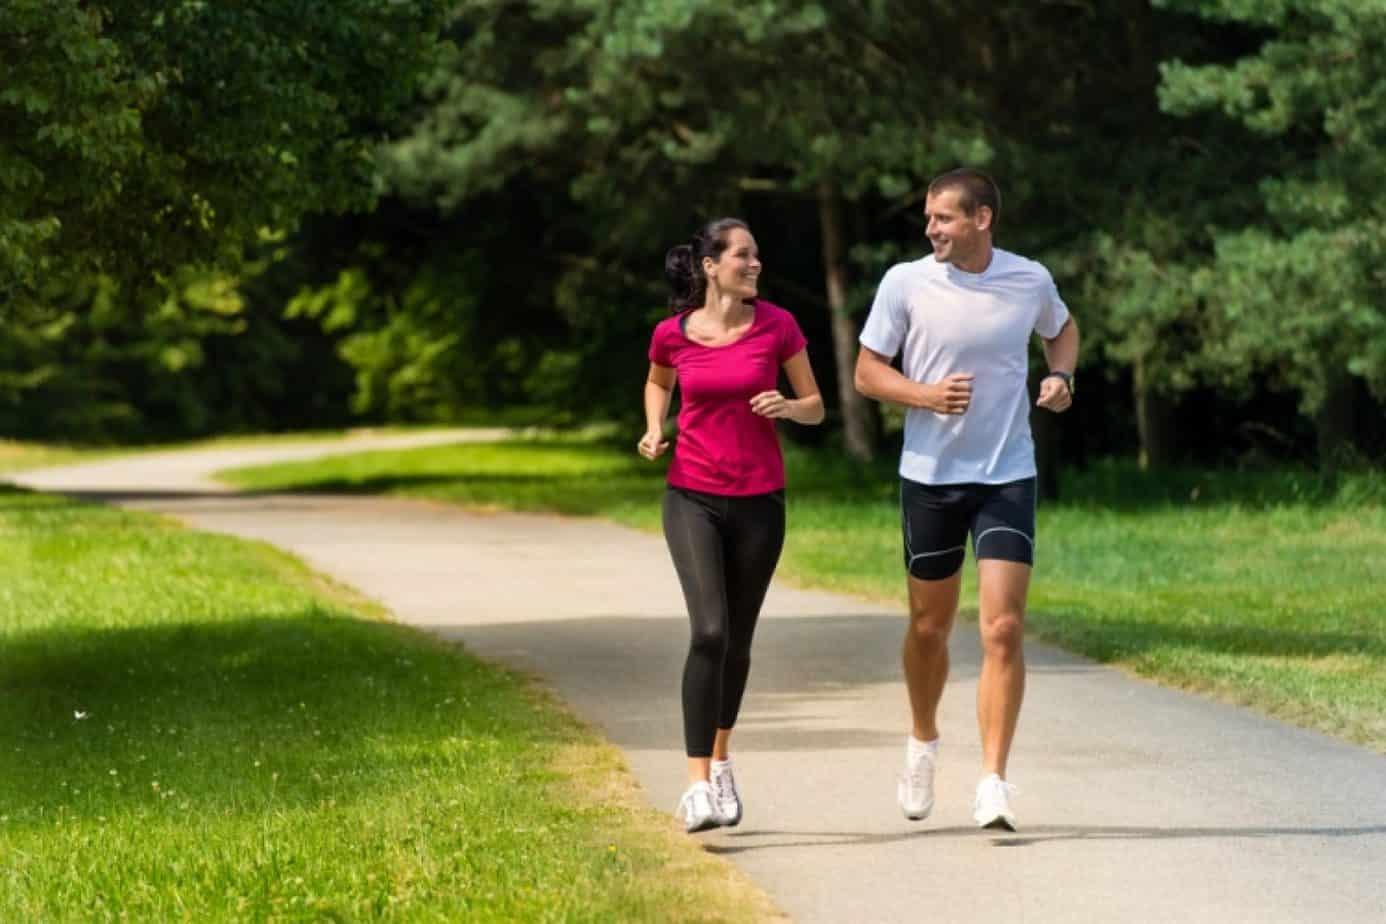 Бег - все за и против: плюсы и минусы от тренировок